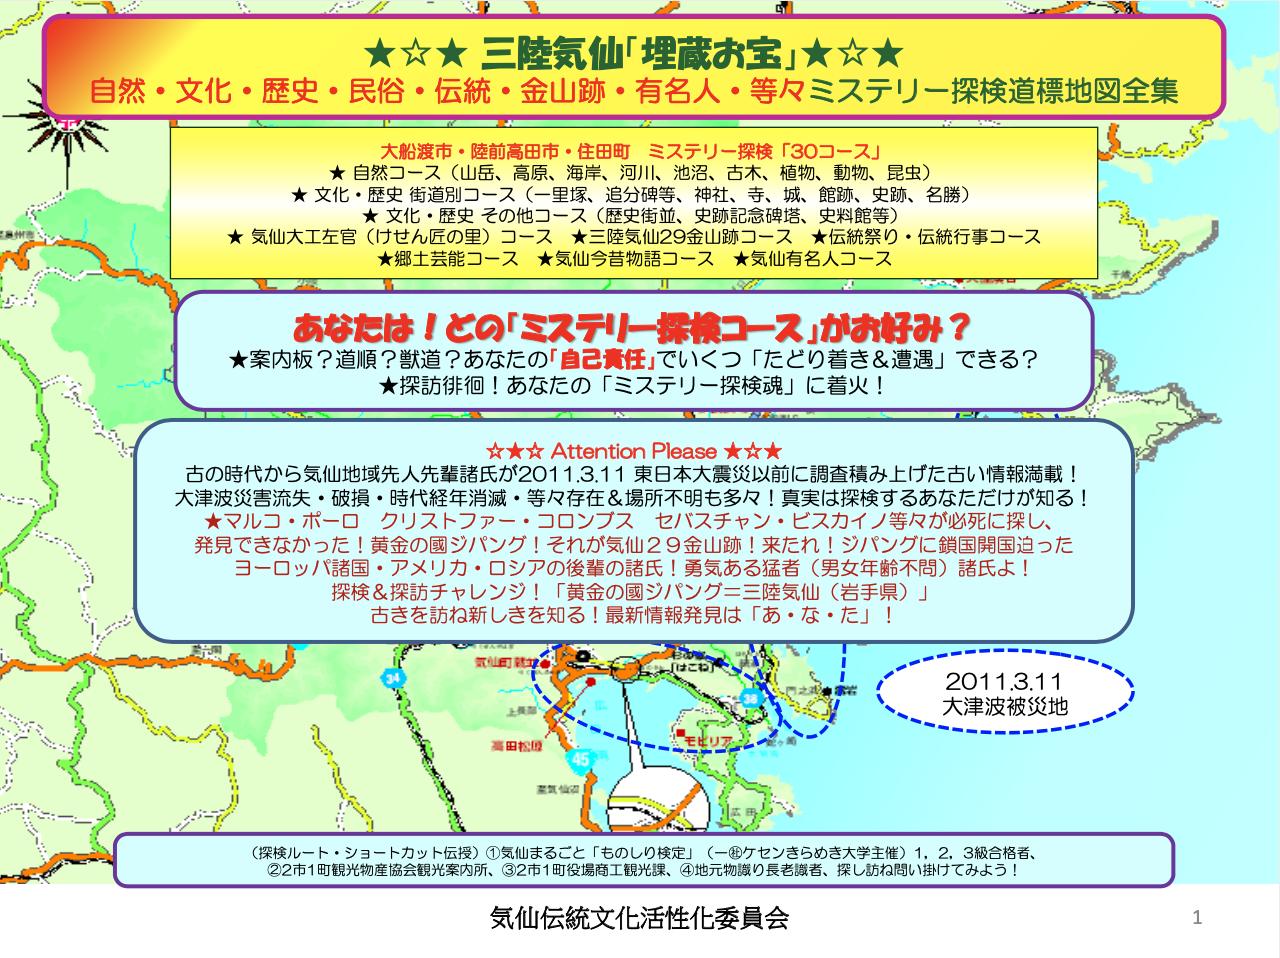 フルタイムアクティブな陸前高田に! 〜ラストオーダーを気にさせない ...